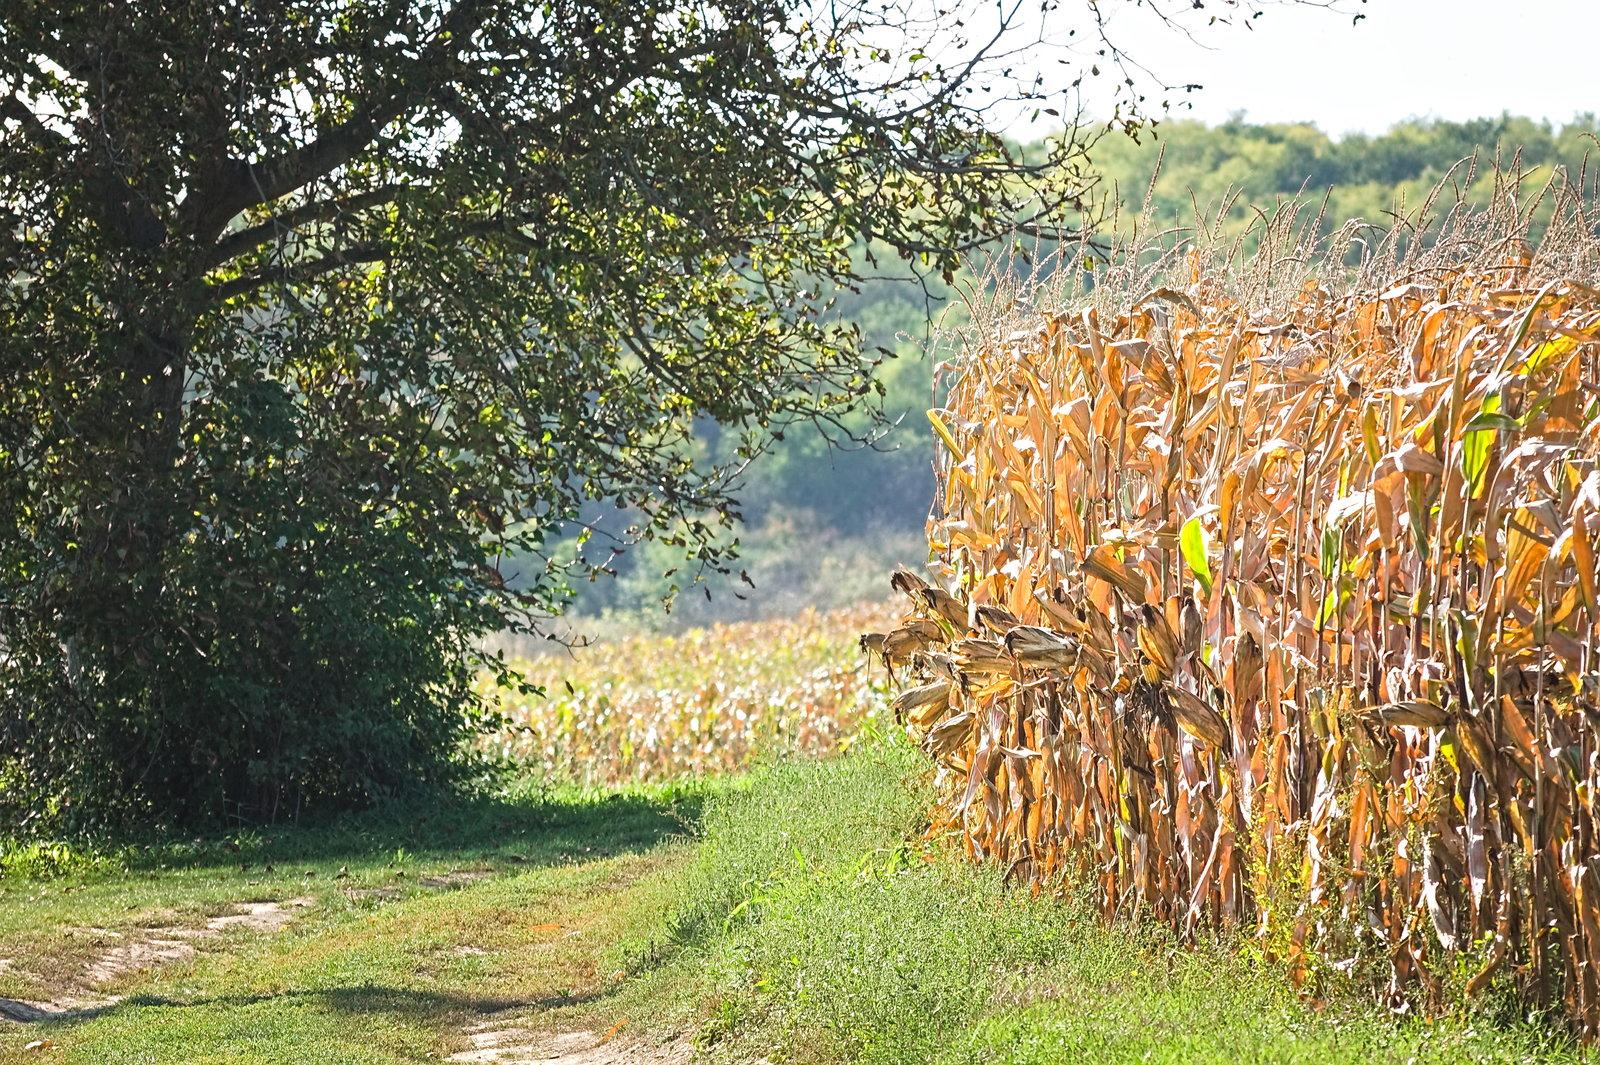 Kukoricahadsereg